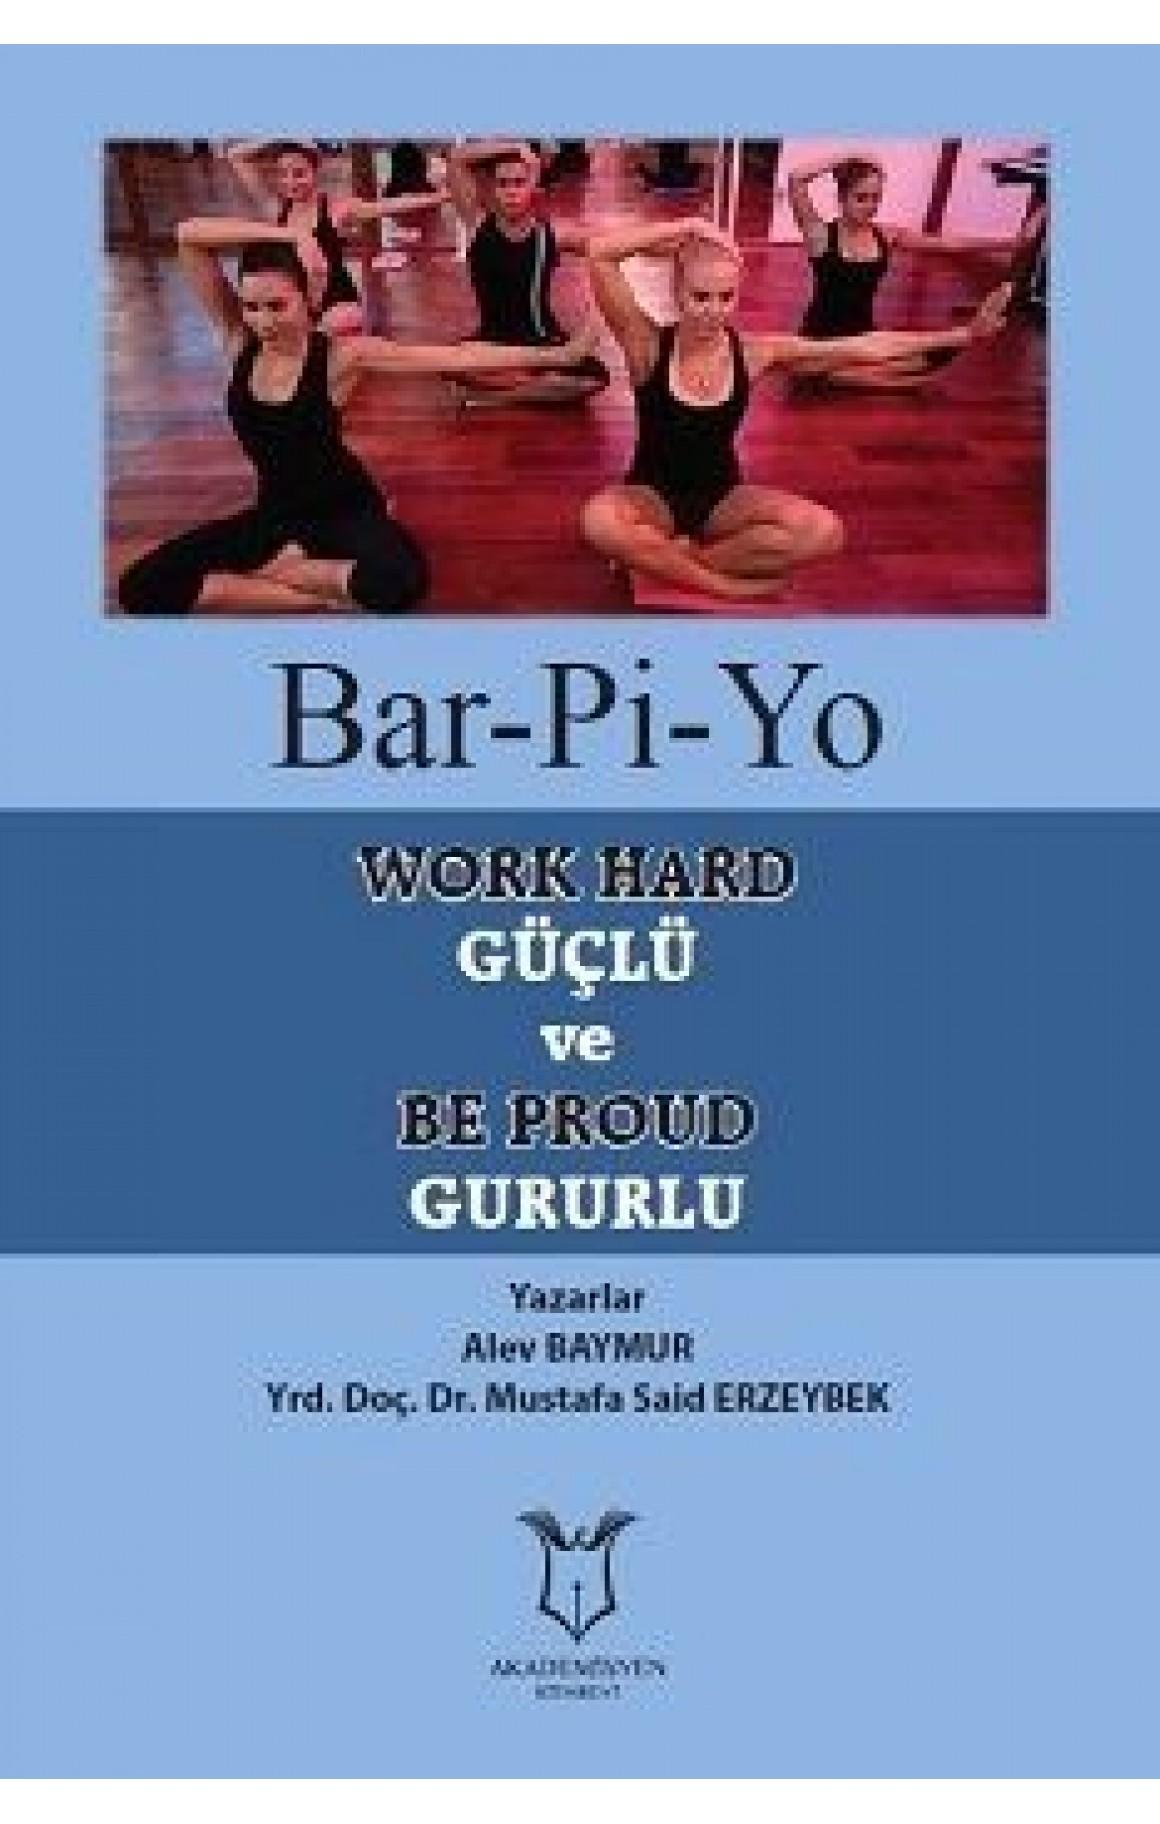 Bar-Pi-Yo